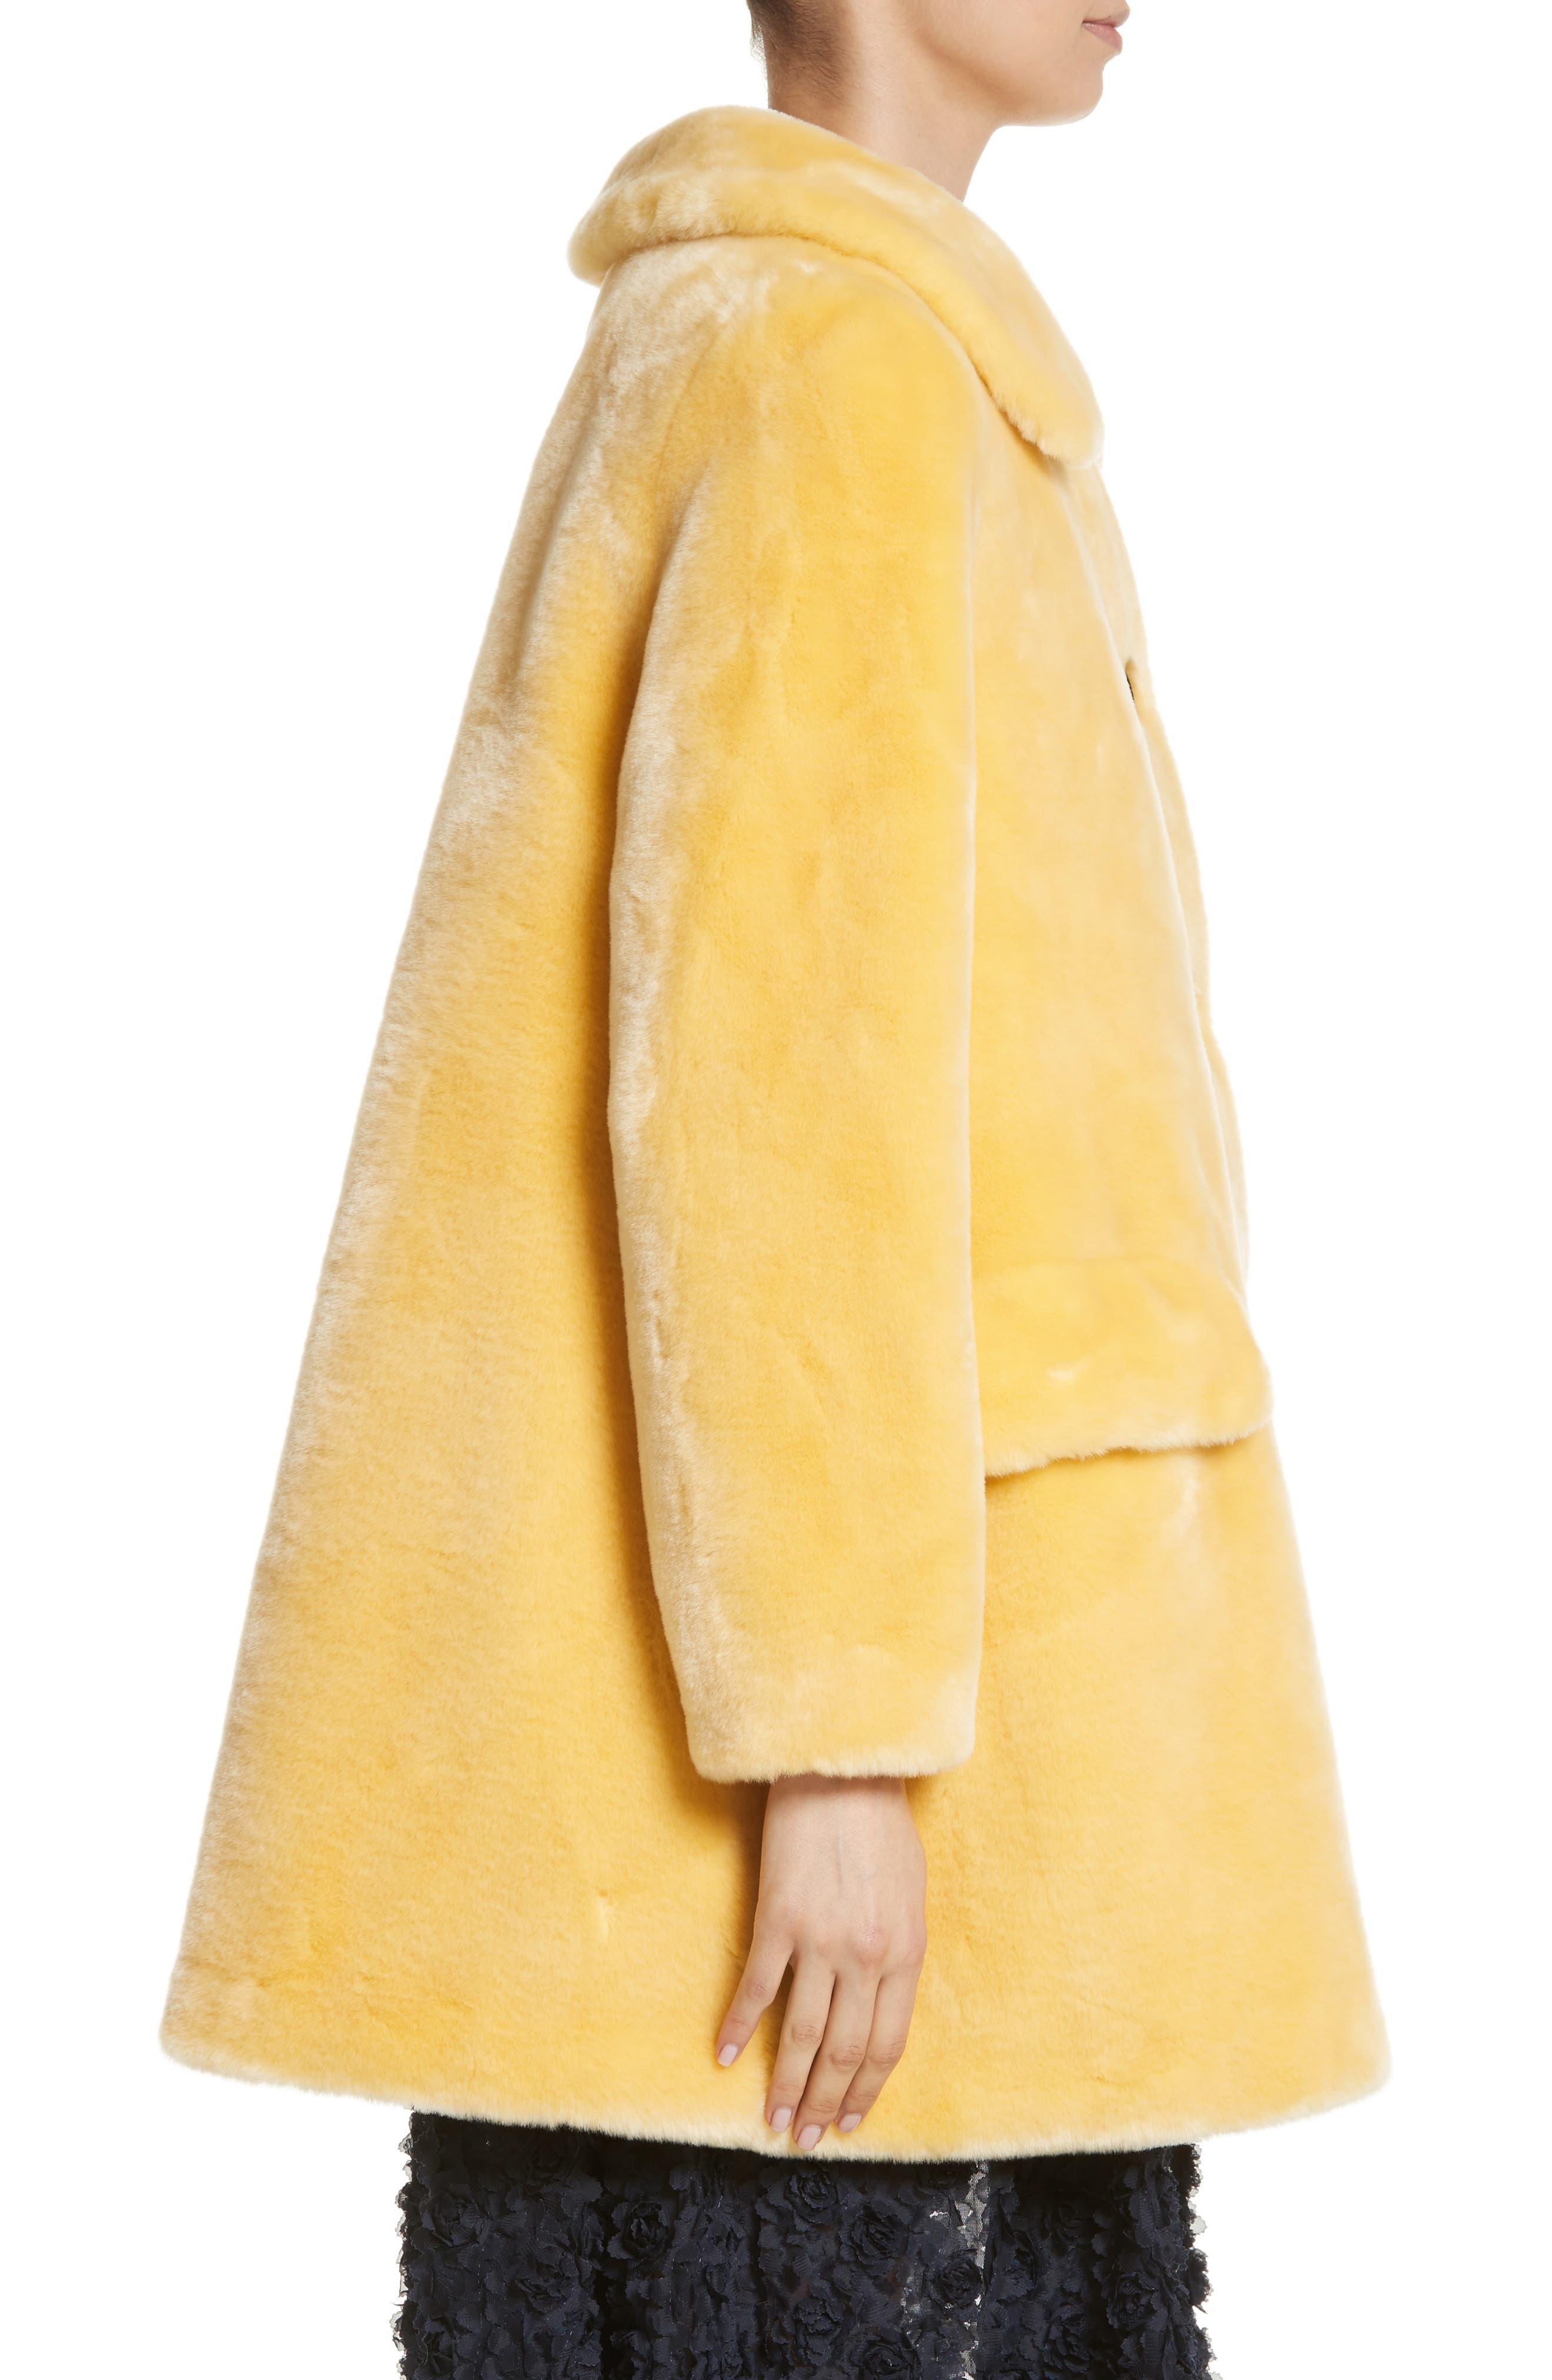 Pyrus Oversized Faux Fur Coat,                             Alternate thumbnail 3, color,                             700